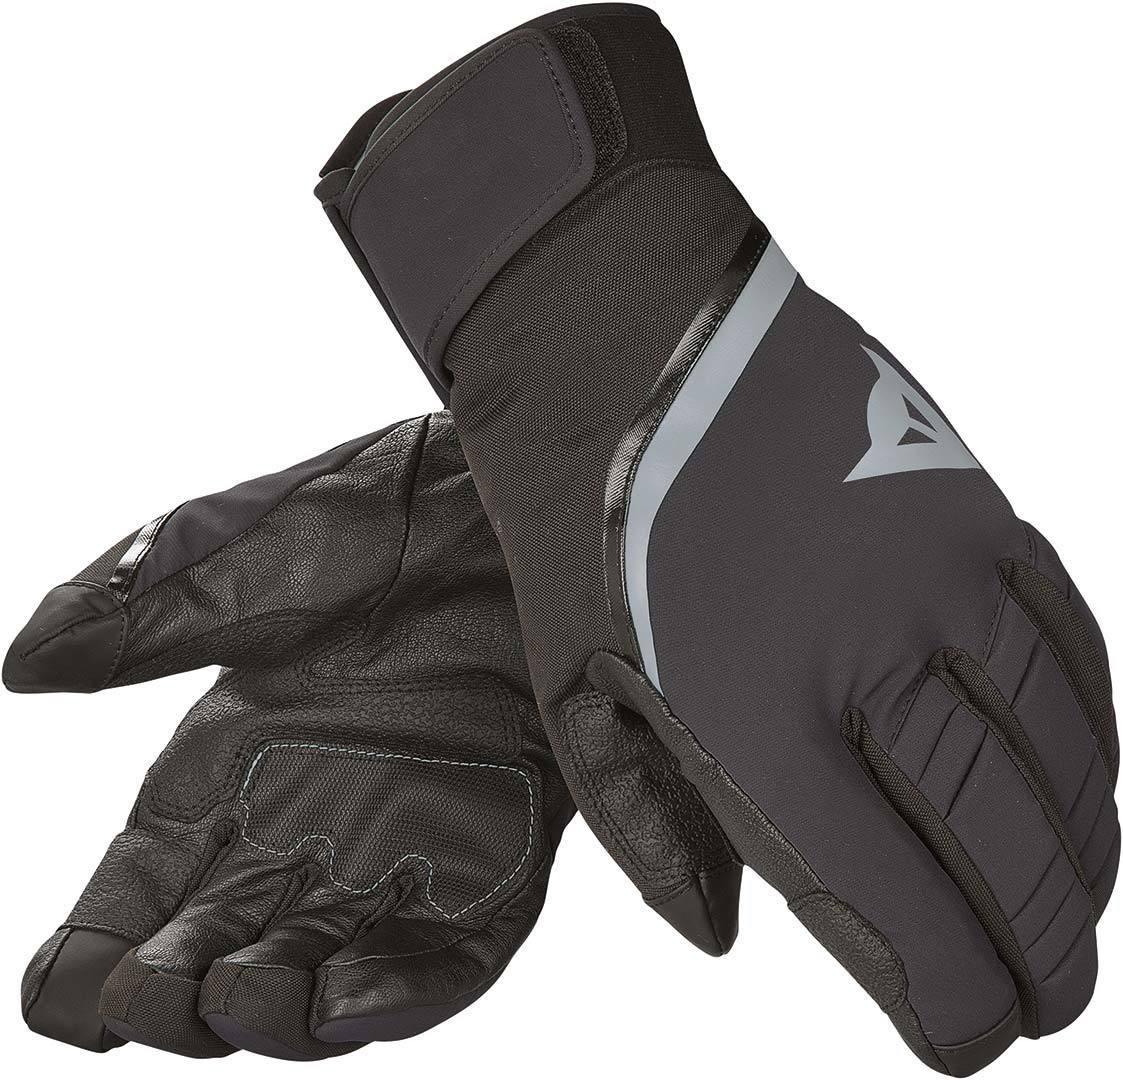 dainese carved line d dry ski gloves black